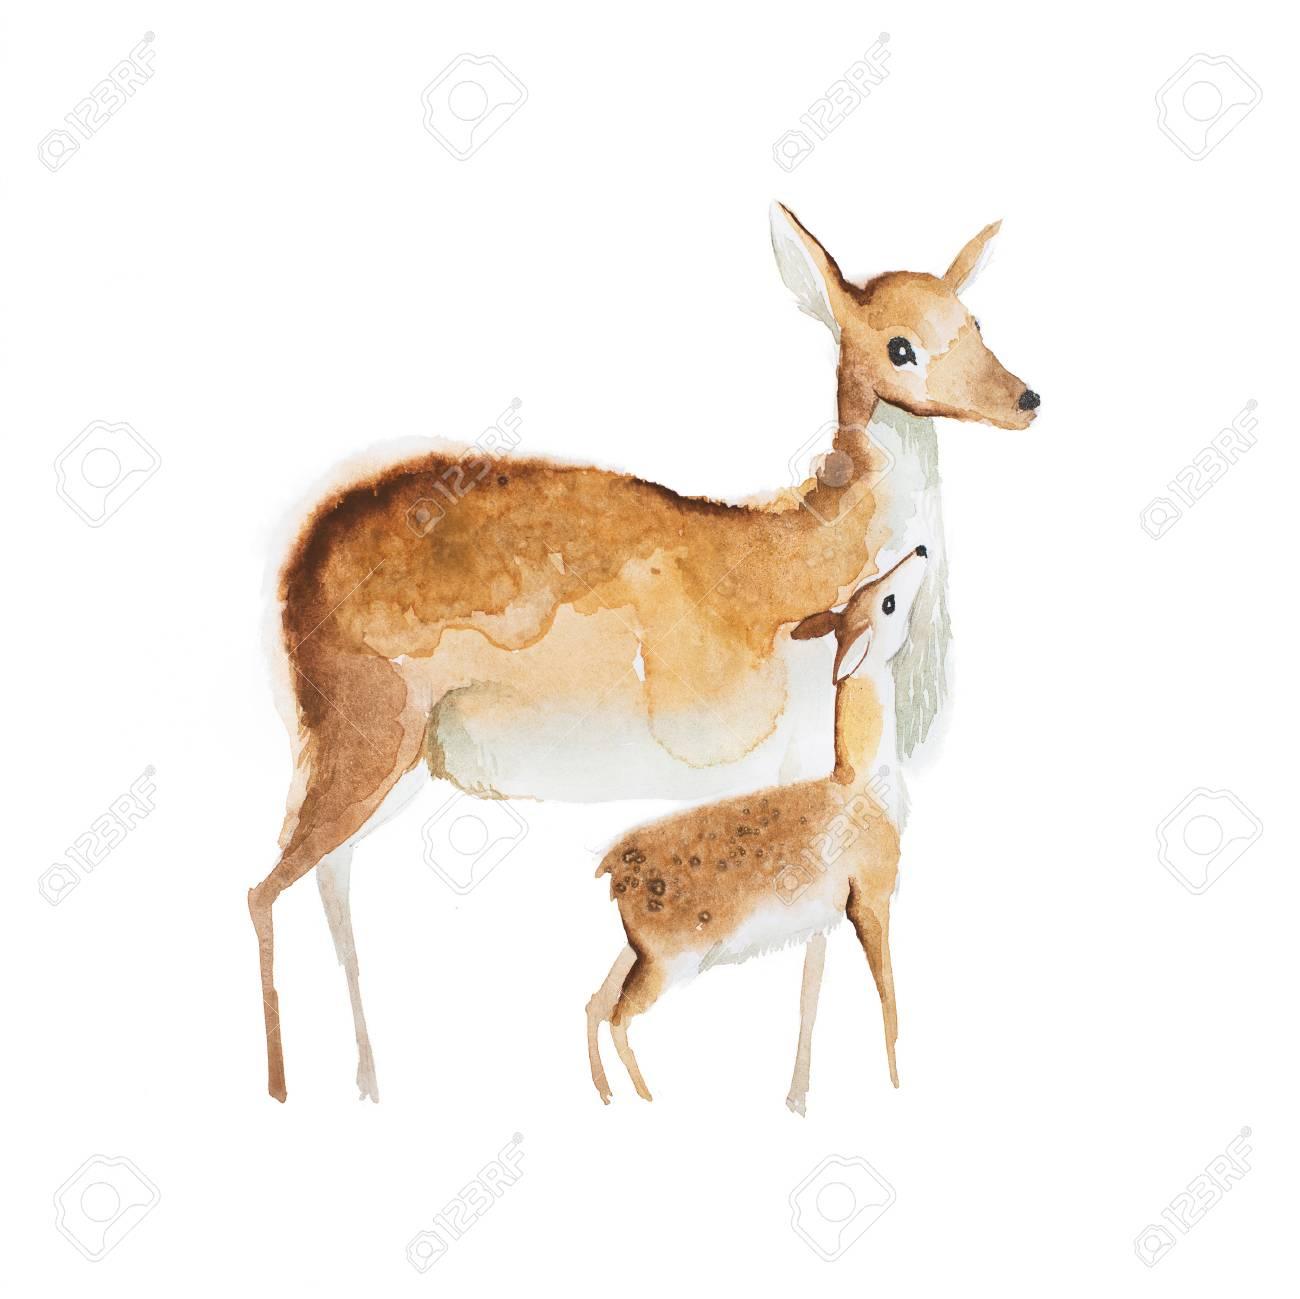 Dessin Aquarelle De Mère Cerf Et Un Faon tout Faon Dessin